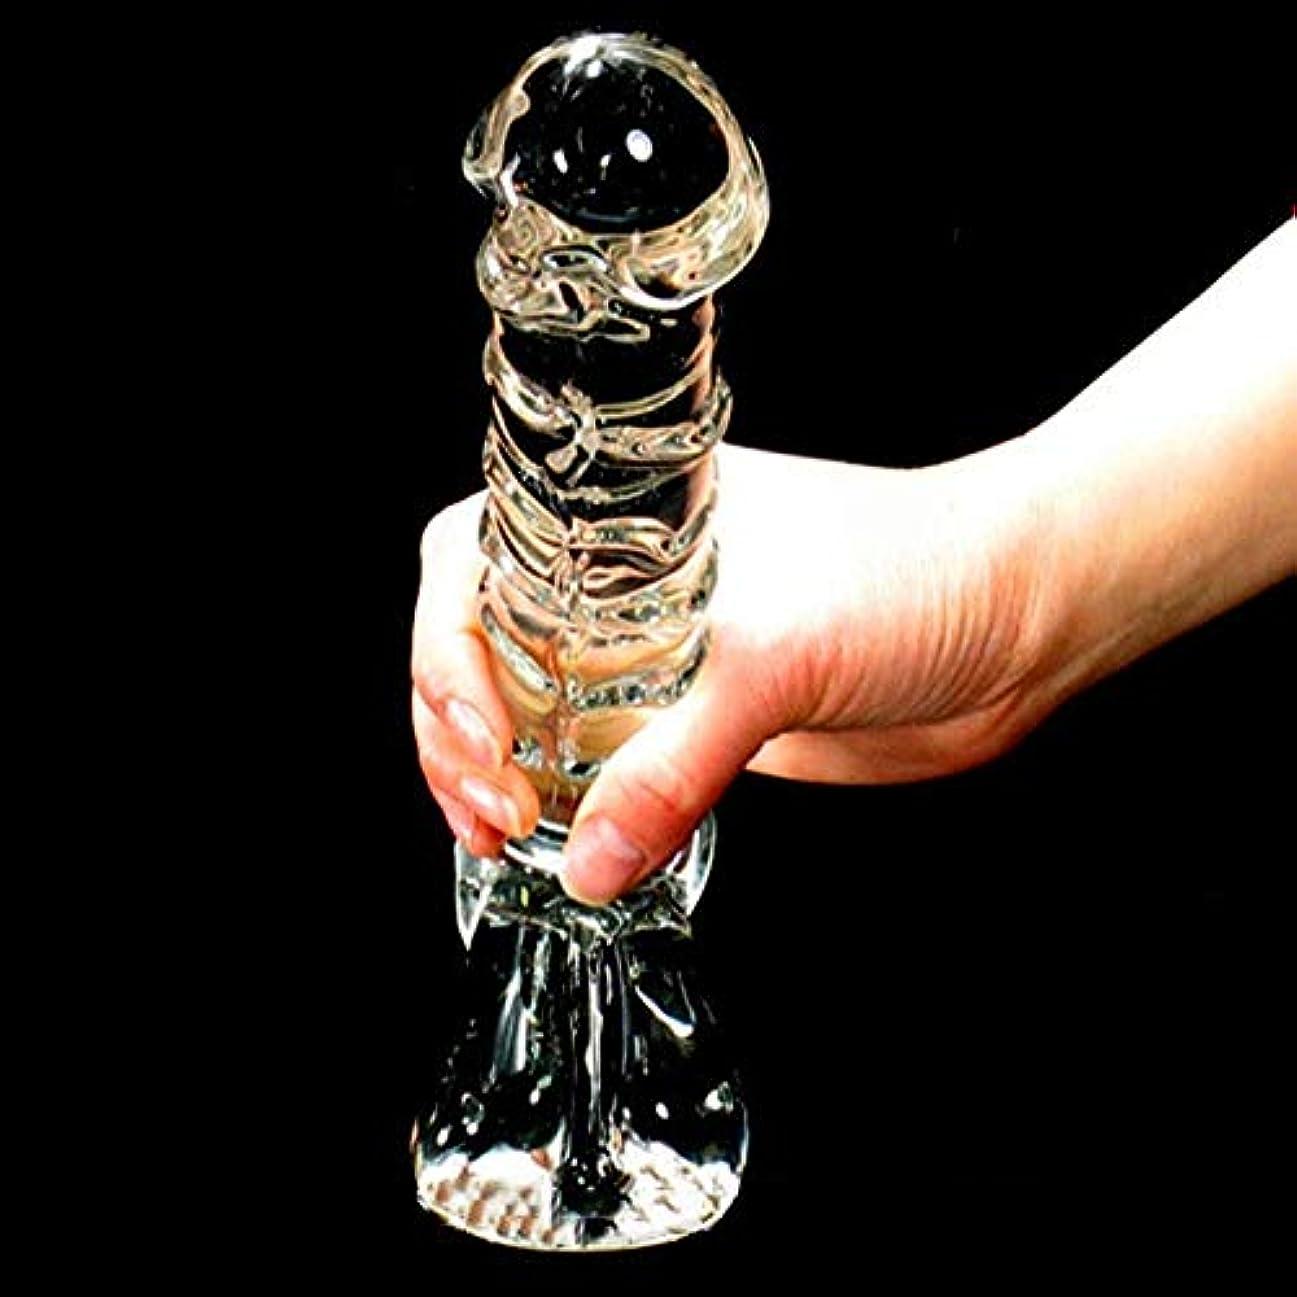 放射するバラバラにする実験的KGJJHYBGTOY オナニー女性ガラス大きなガラスペニス大人のガラスウェア大人向け製品 RELAX MASSAGE BODY